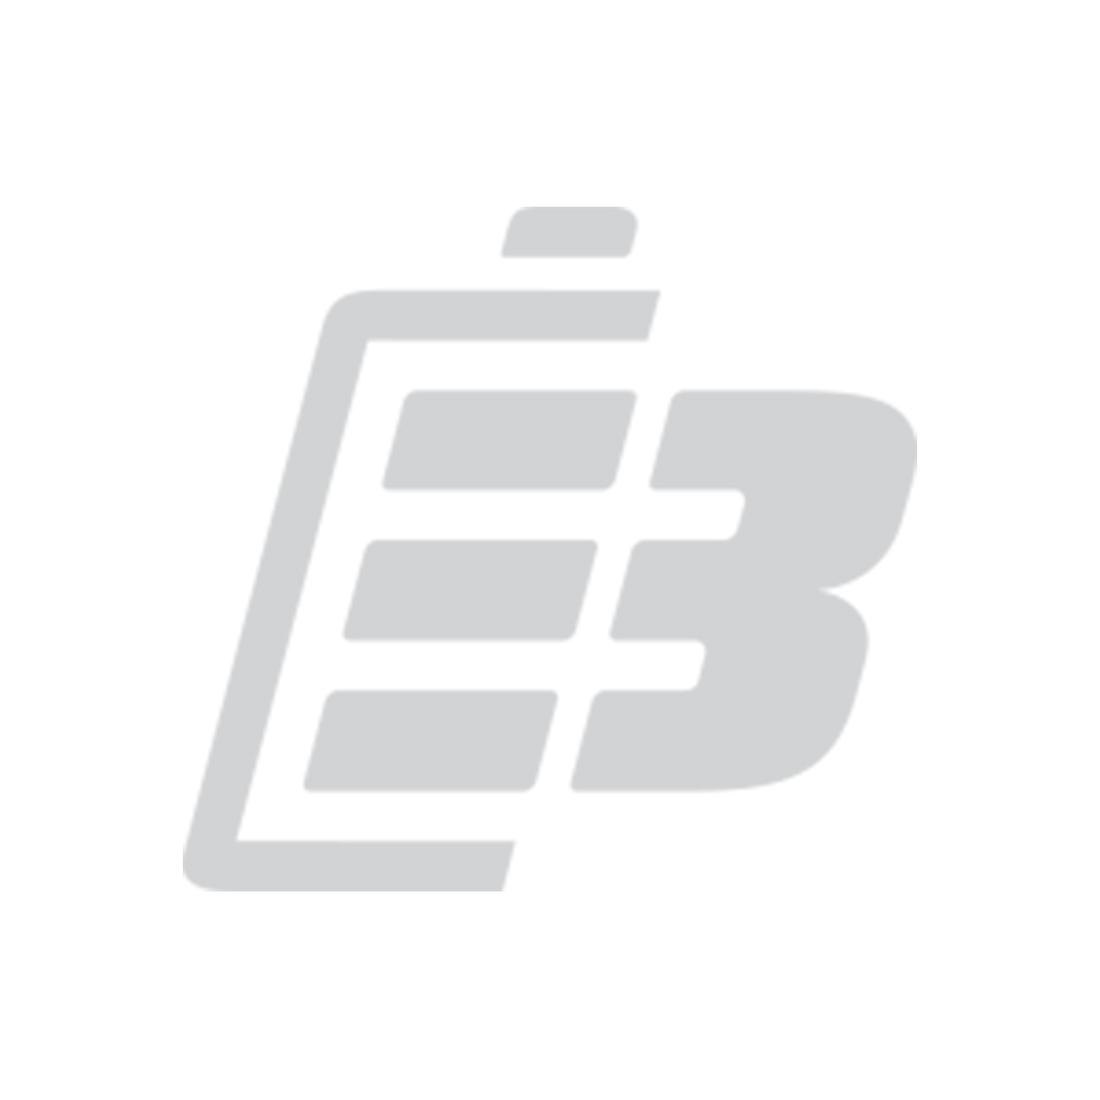 Camera battery Kodak LB-060_1